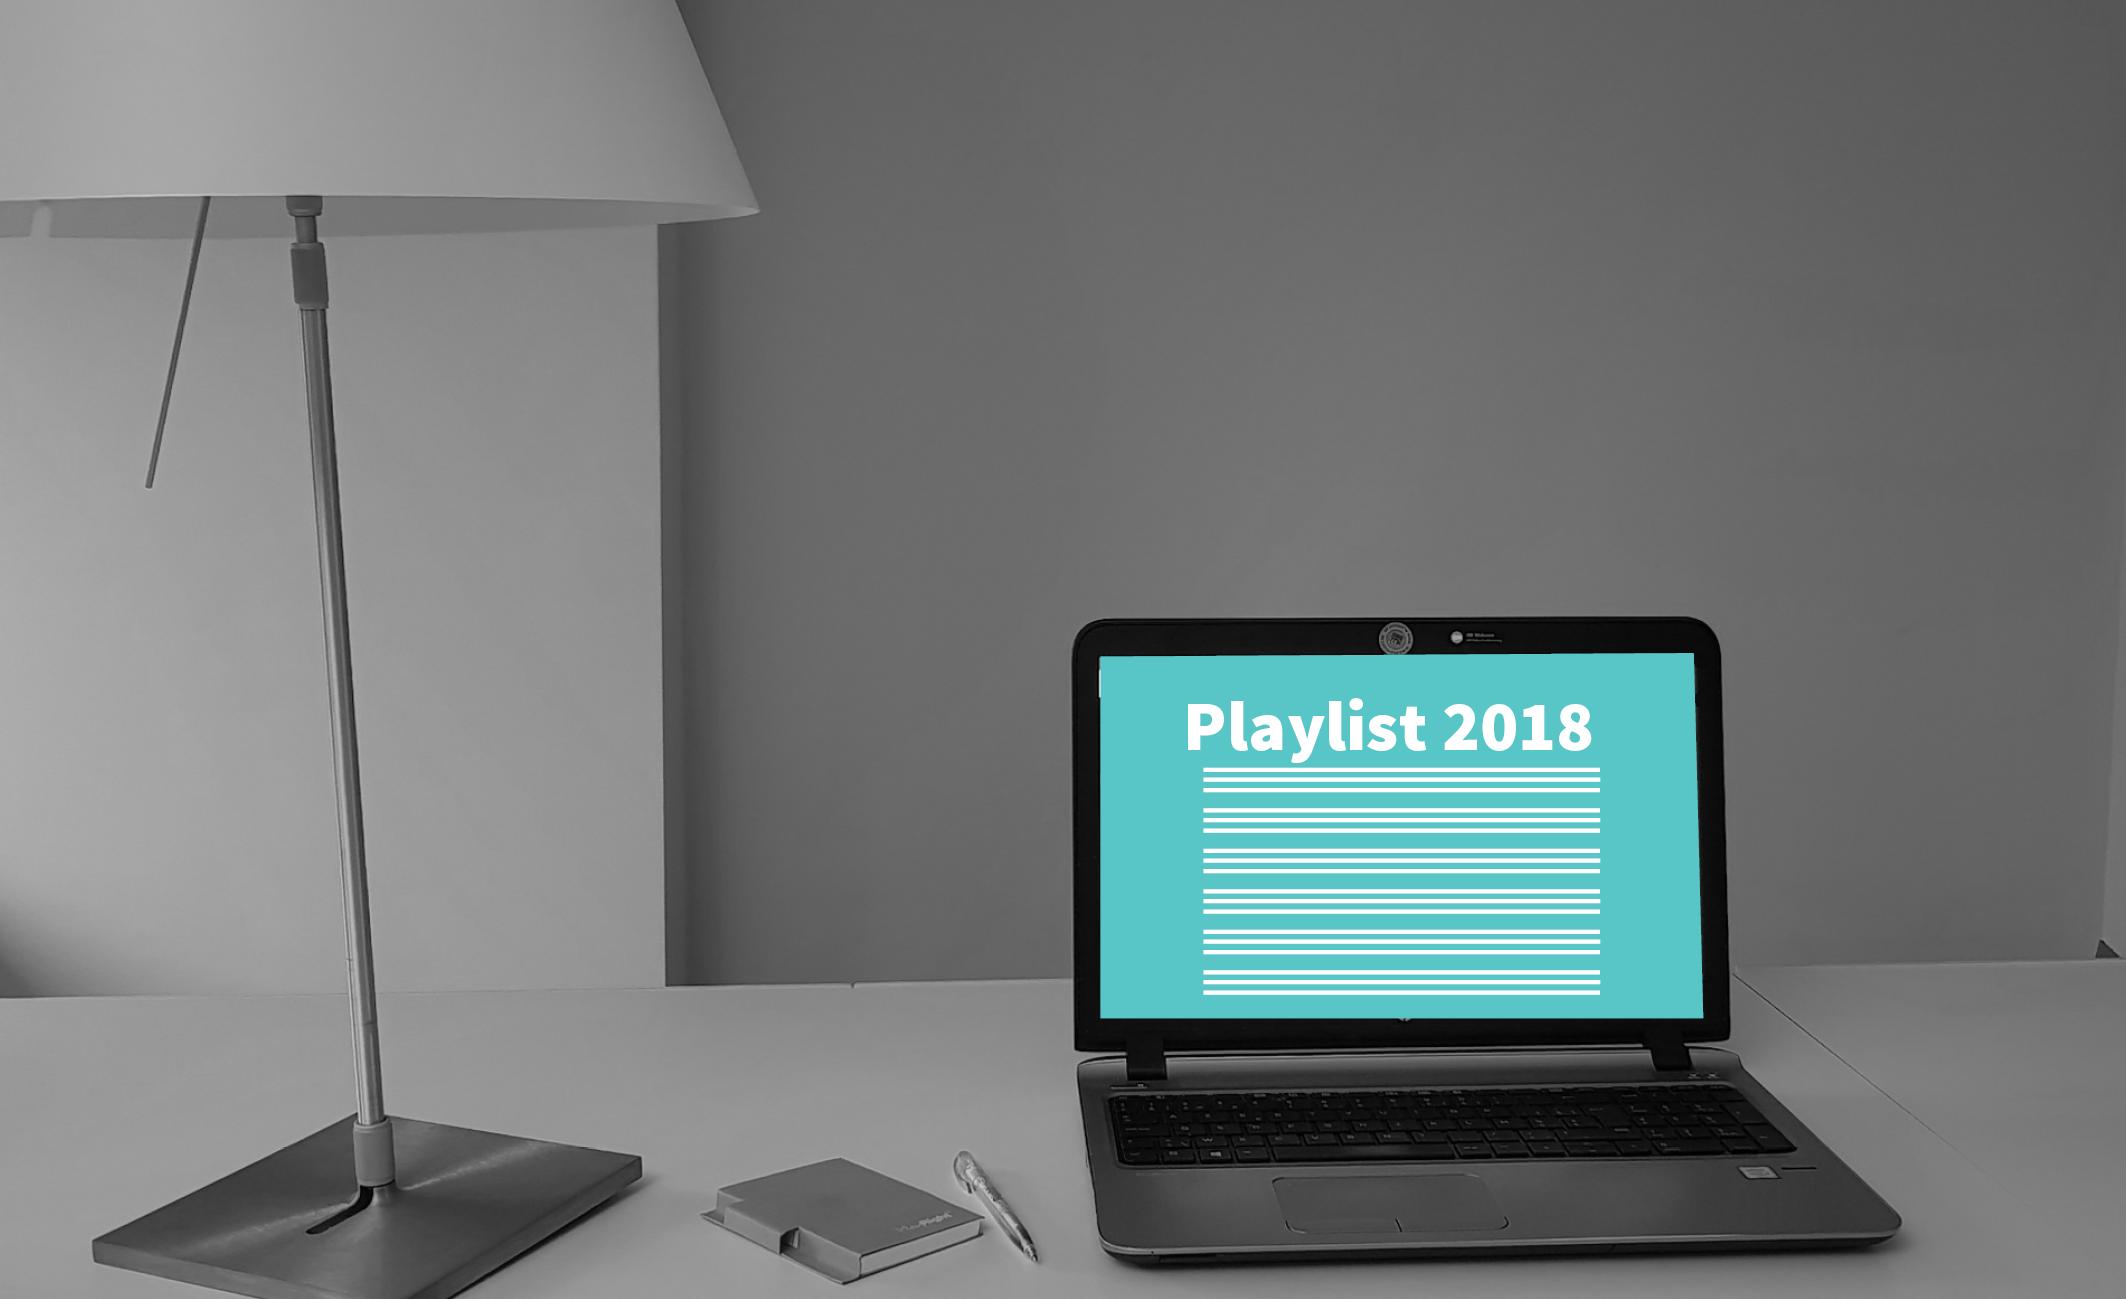 PlayList 2018 en ligne: déclarez maintenant vos enregistrements musicaux !